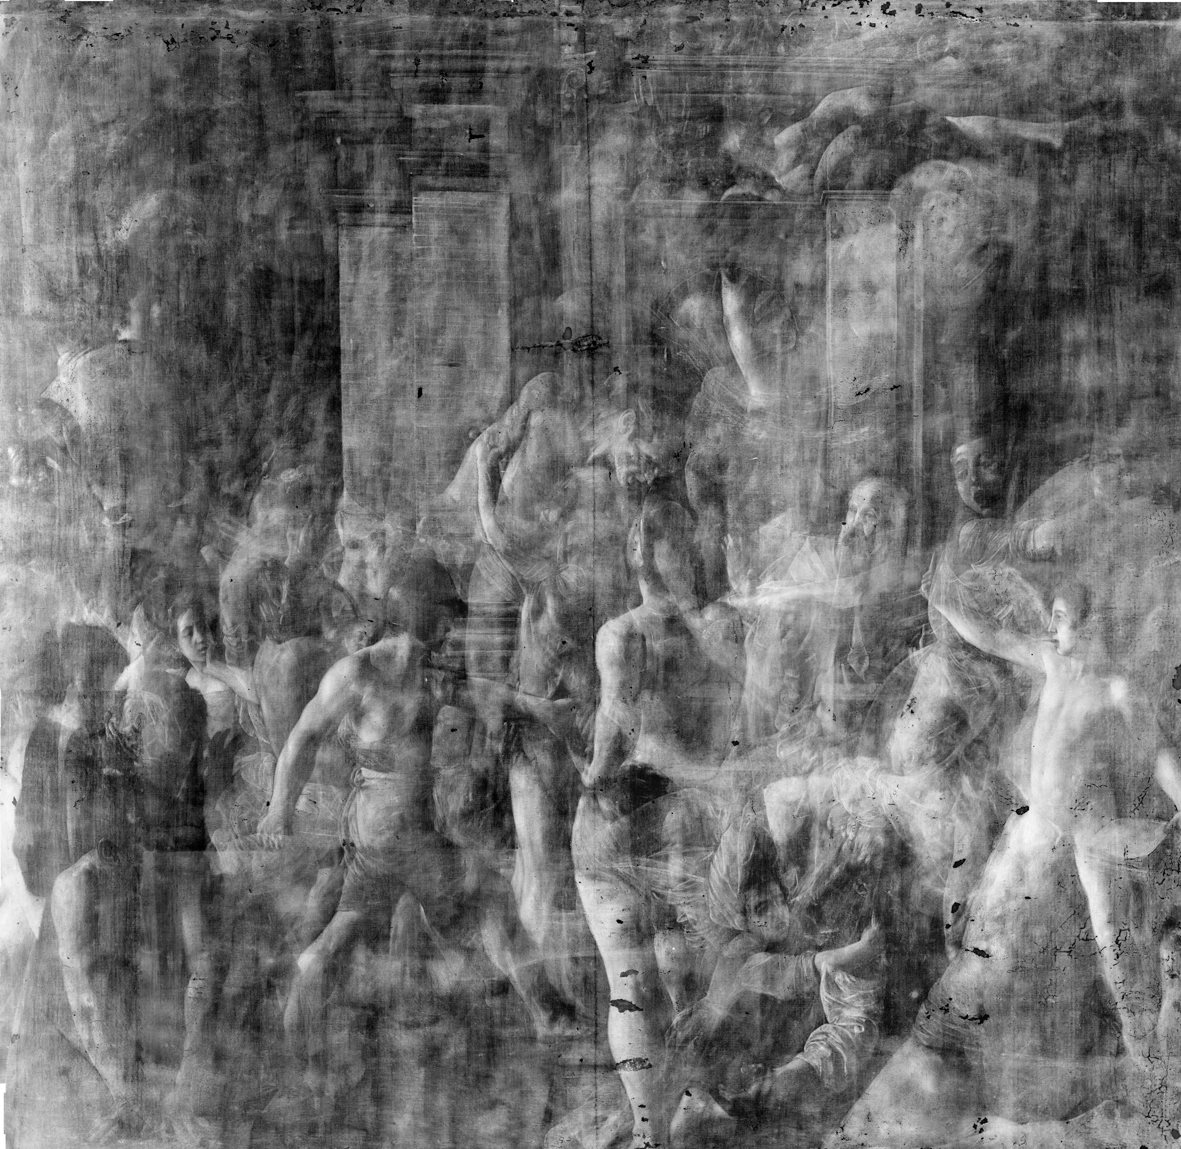 5-indagine-radiografica-inedita-del-martirio-di-san-matteo-di-caravaggio